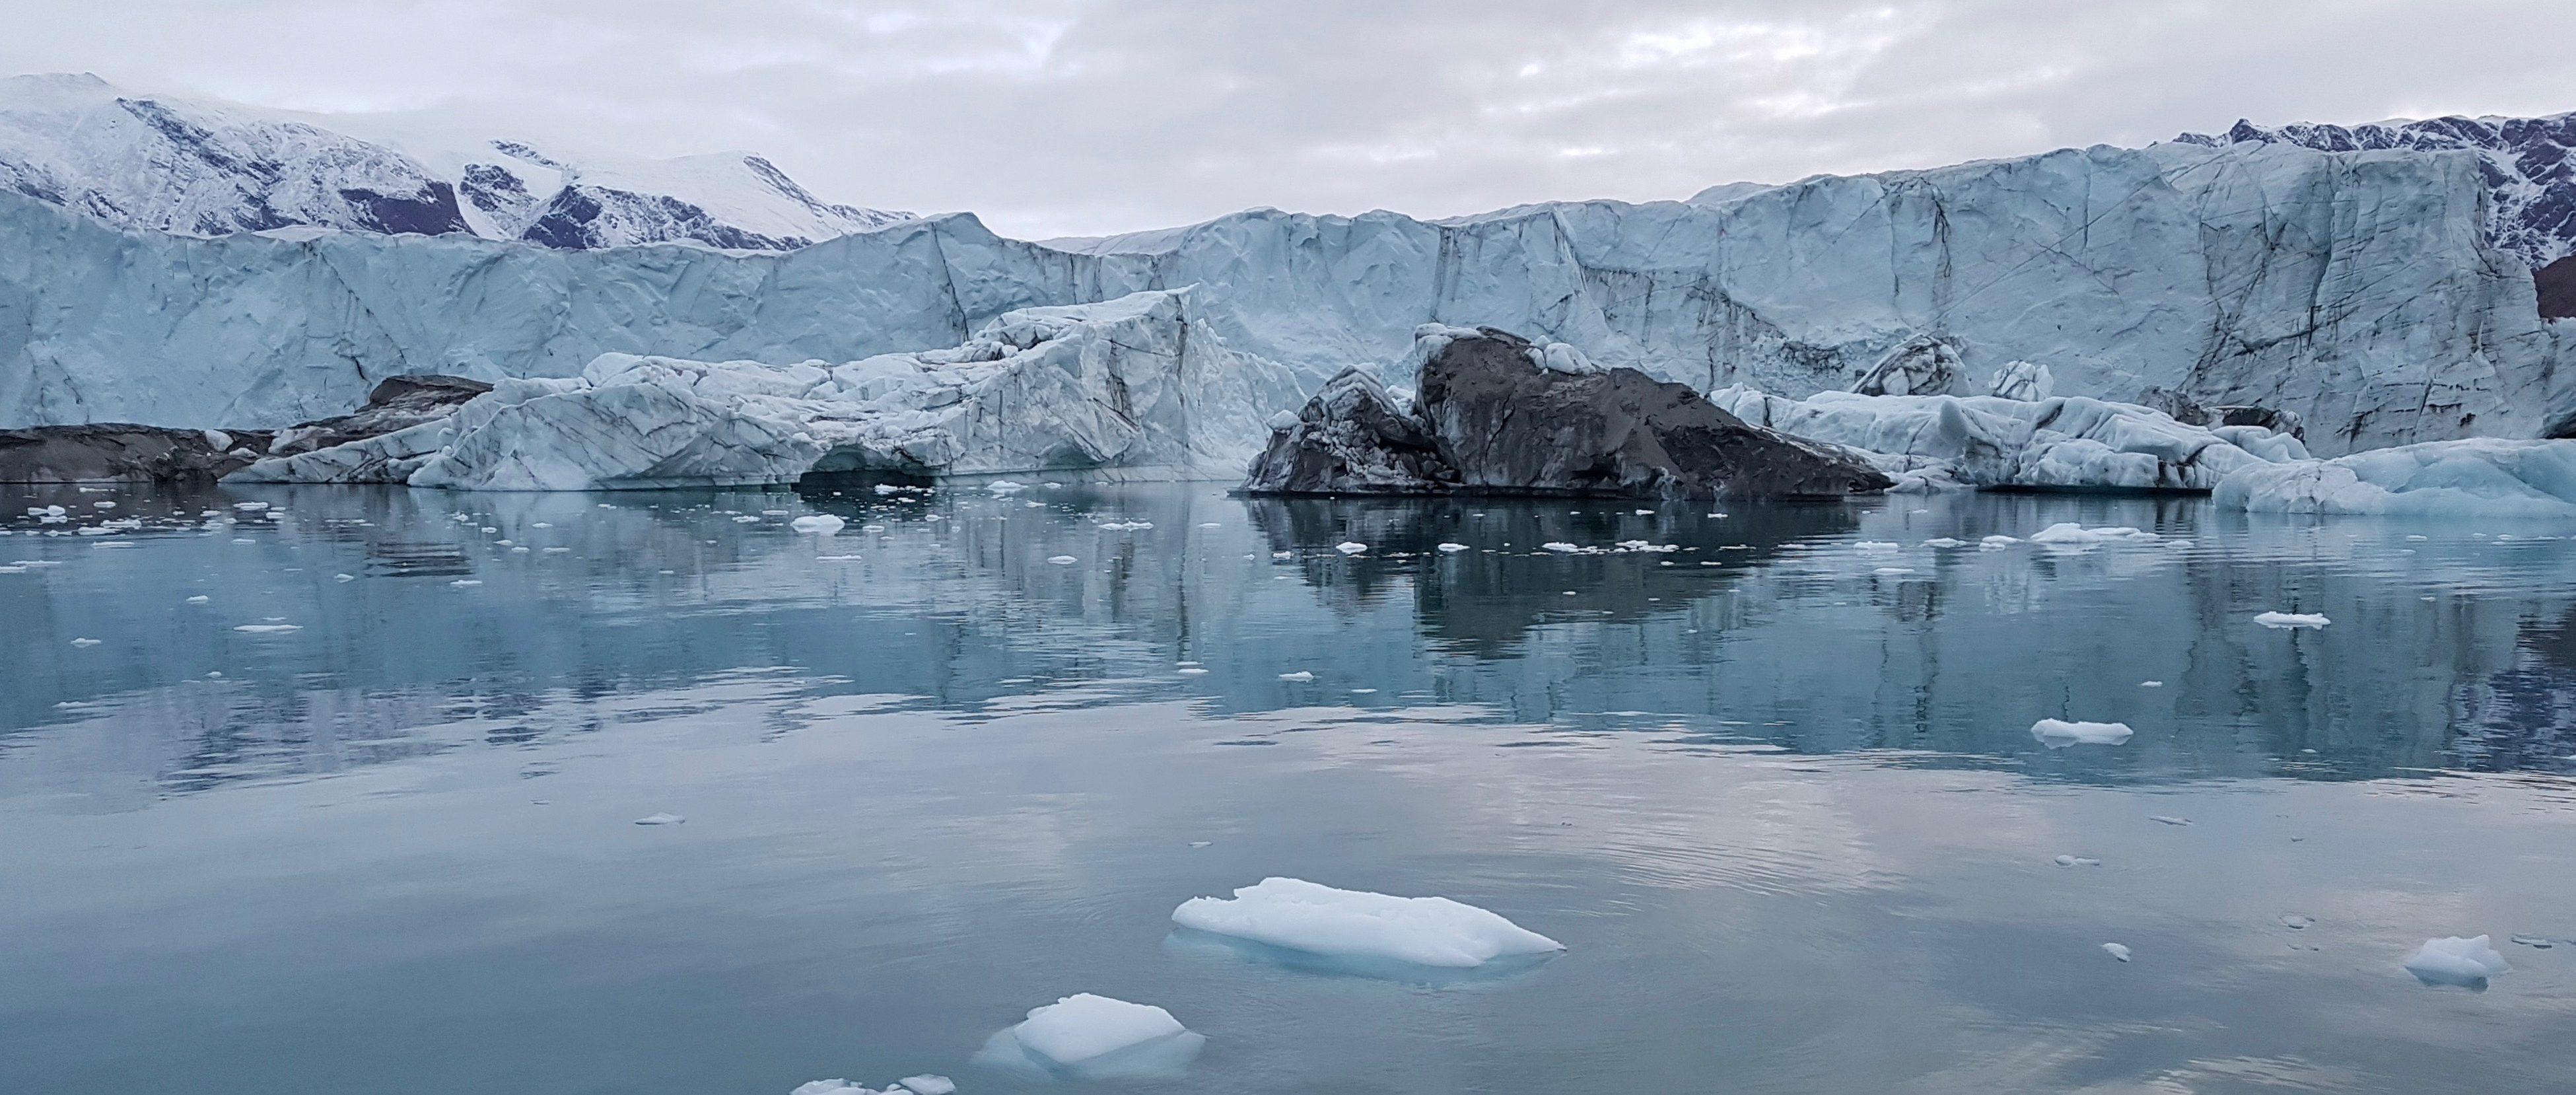 treibende Eisblöcke, kalbende Gletscher im Scoresbysund in Grönland